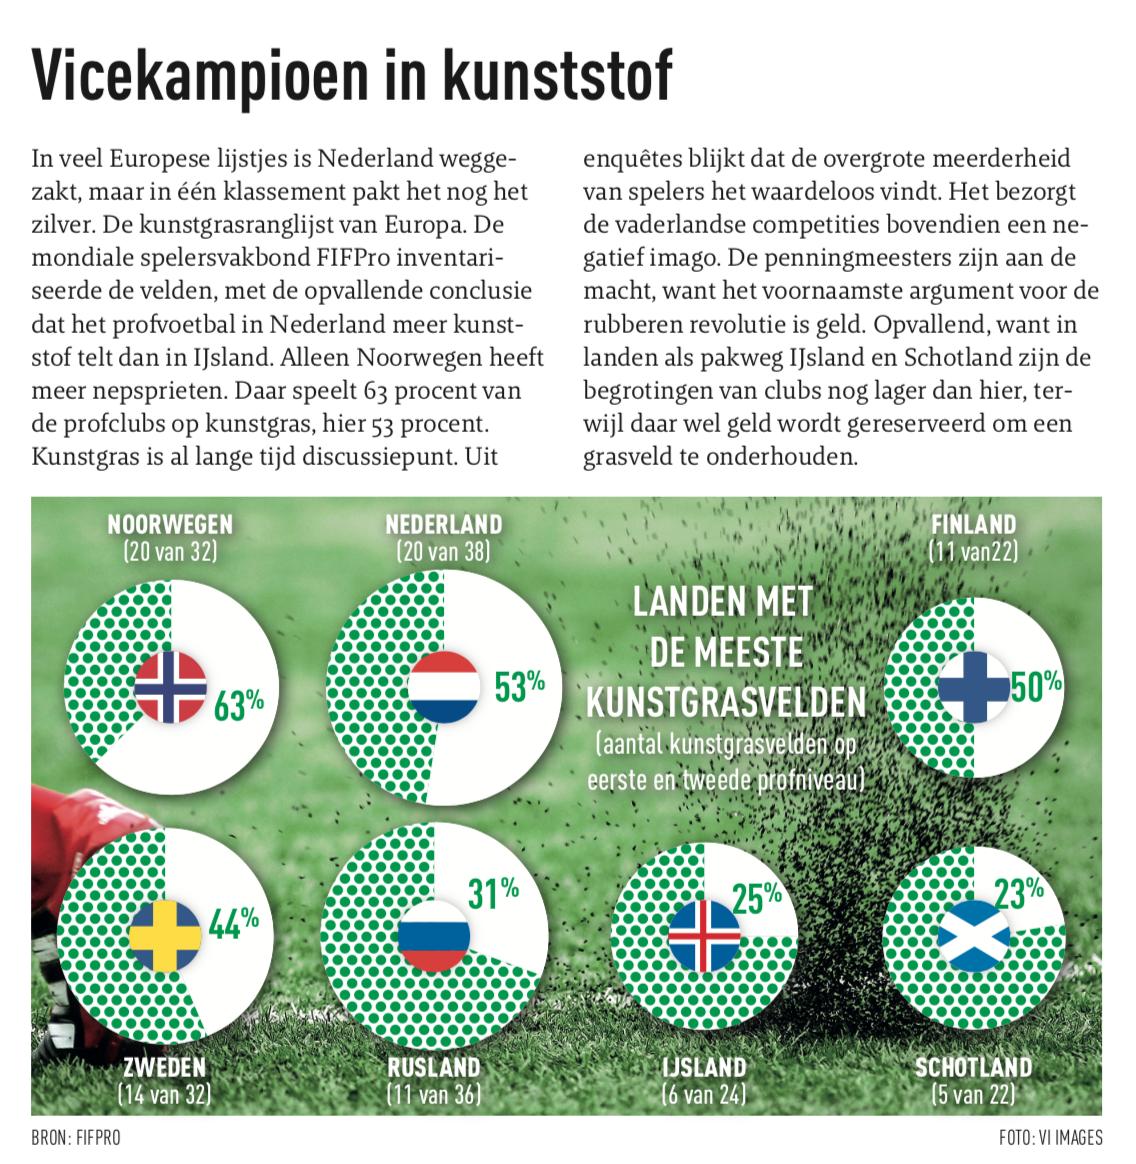 Nieuwsrubriek met infographic 03